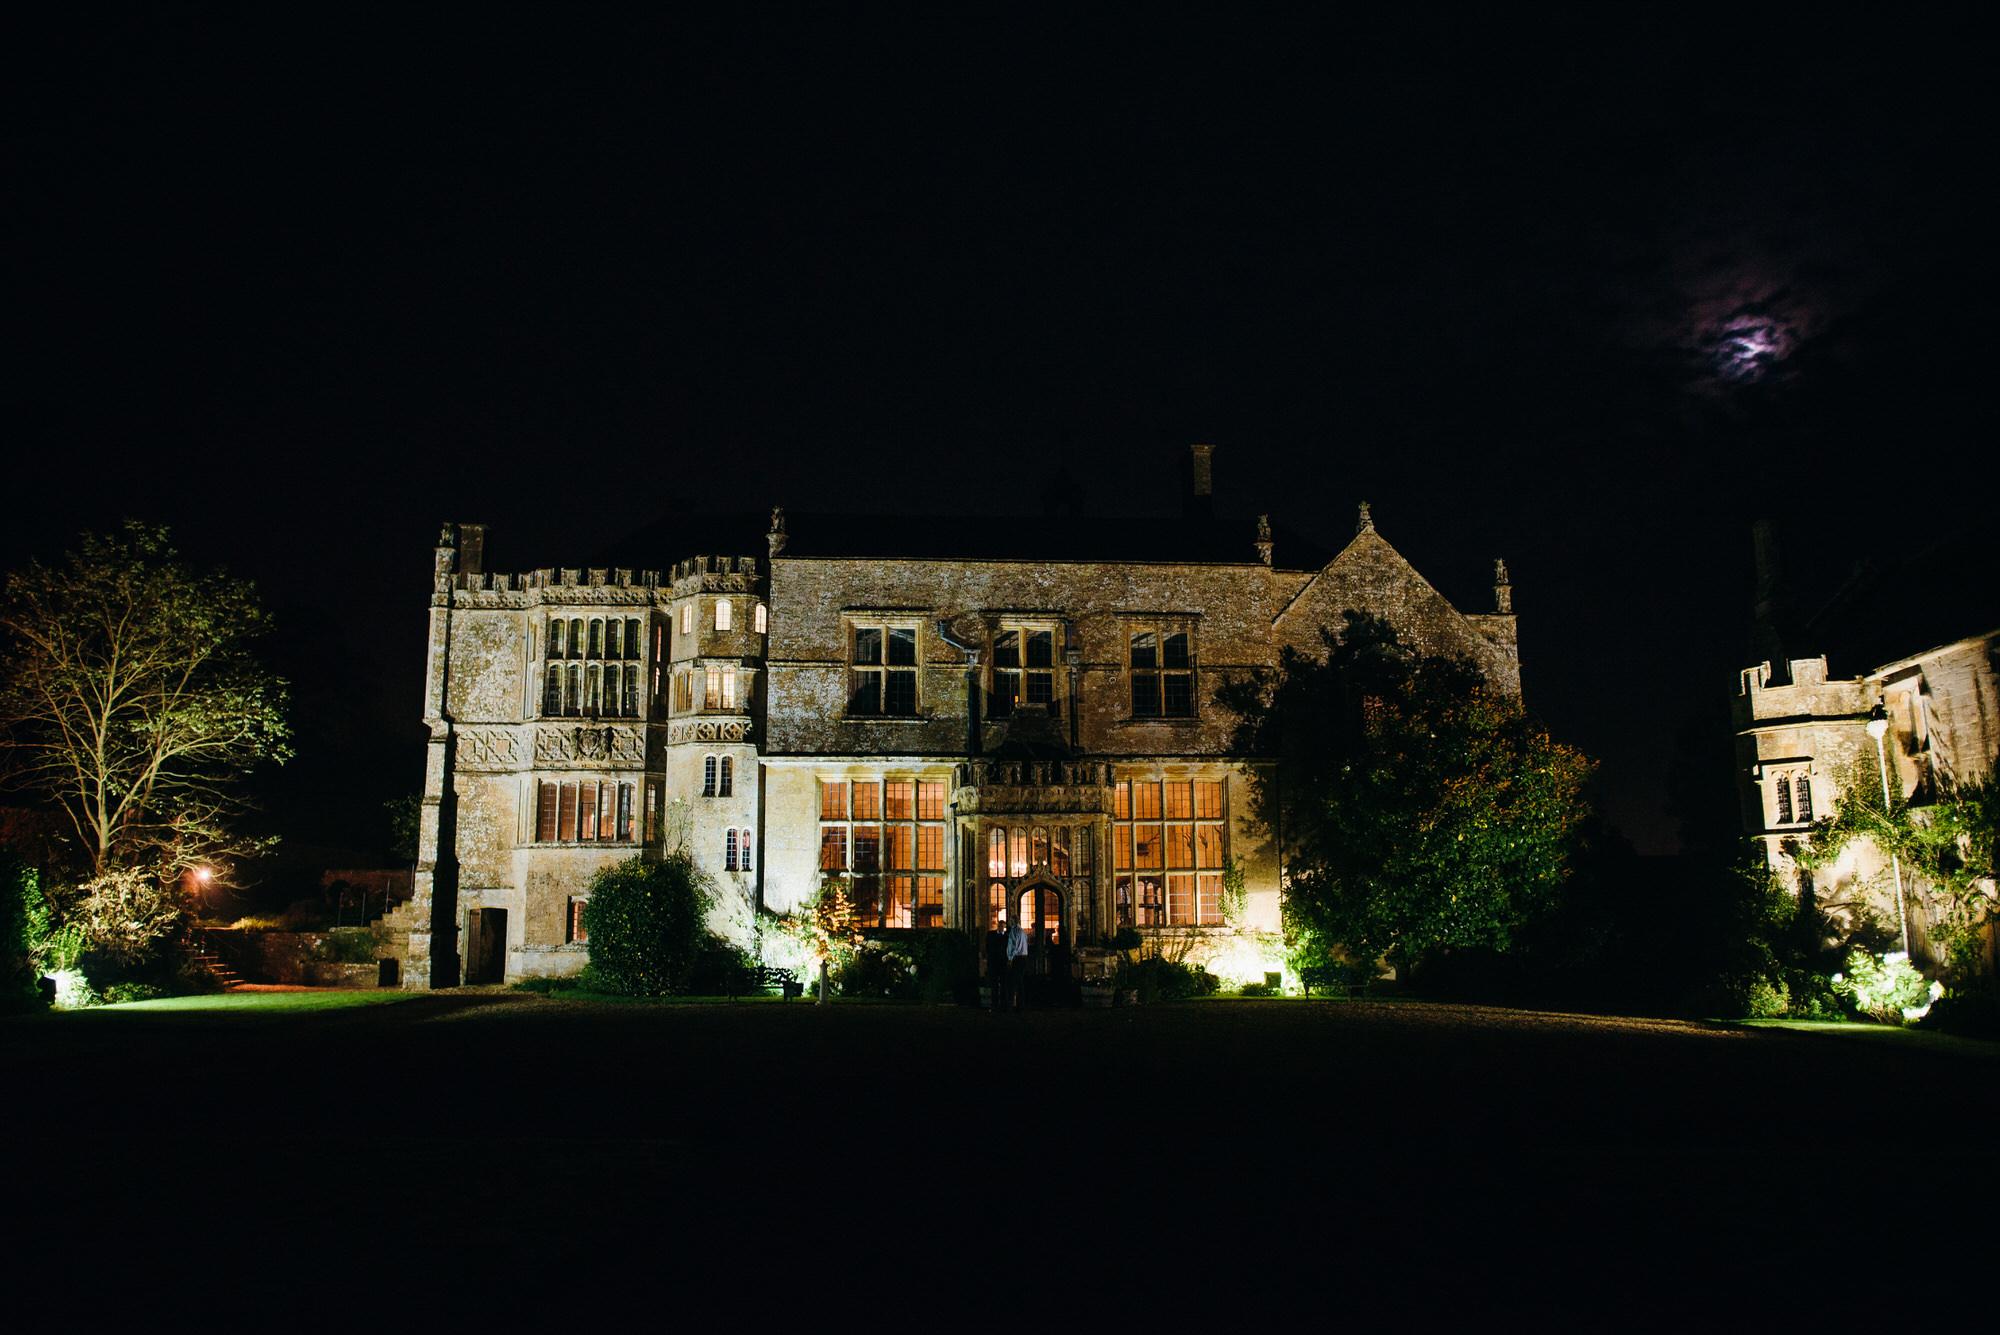 Night time at Brympton